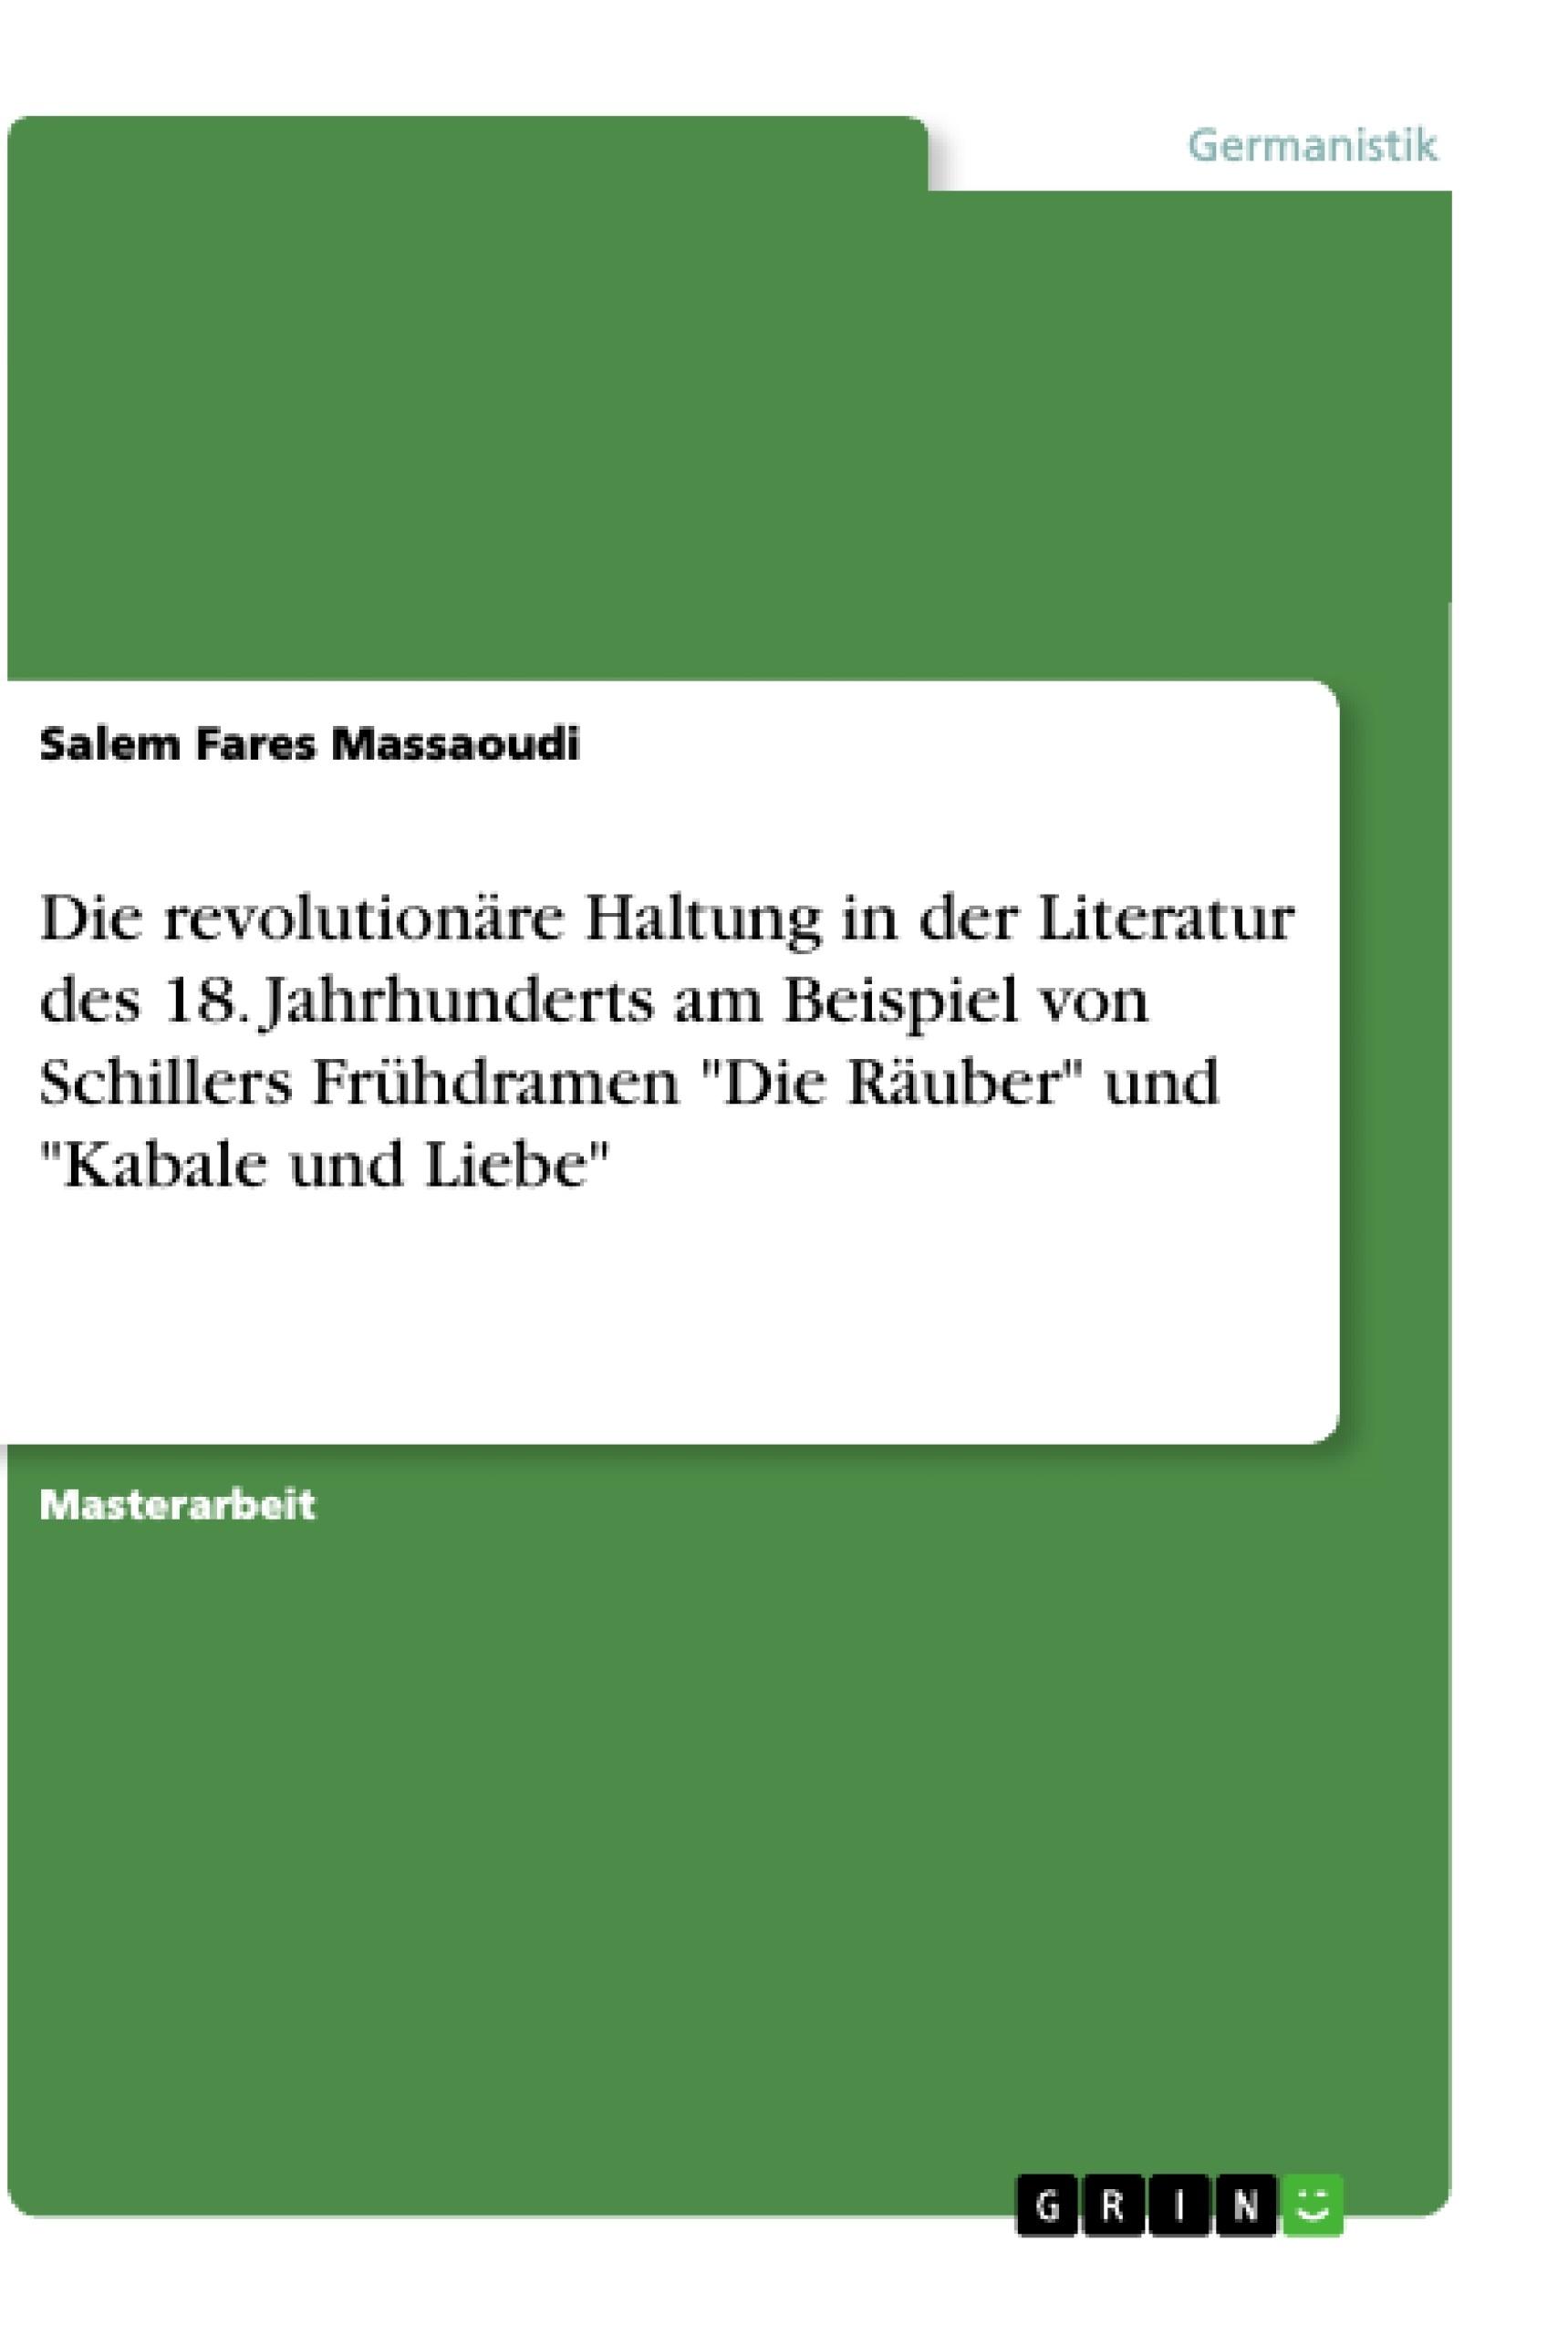 """Titel: Die revolutionäre Haltung in der Literatur des 18. Jahrhunderts am Beispiel von Schillers Frühdramen """"Die Räuber"""" und """"Kabale und Liebe"""""""